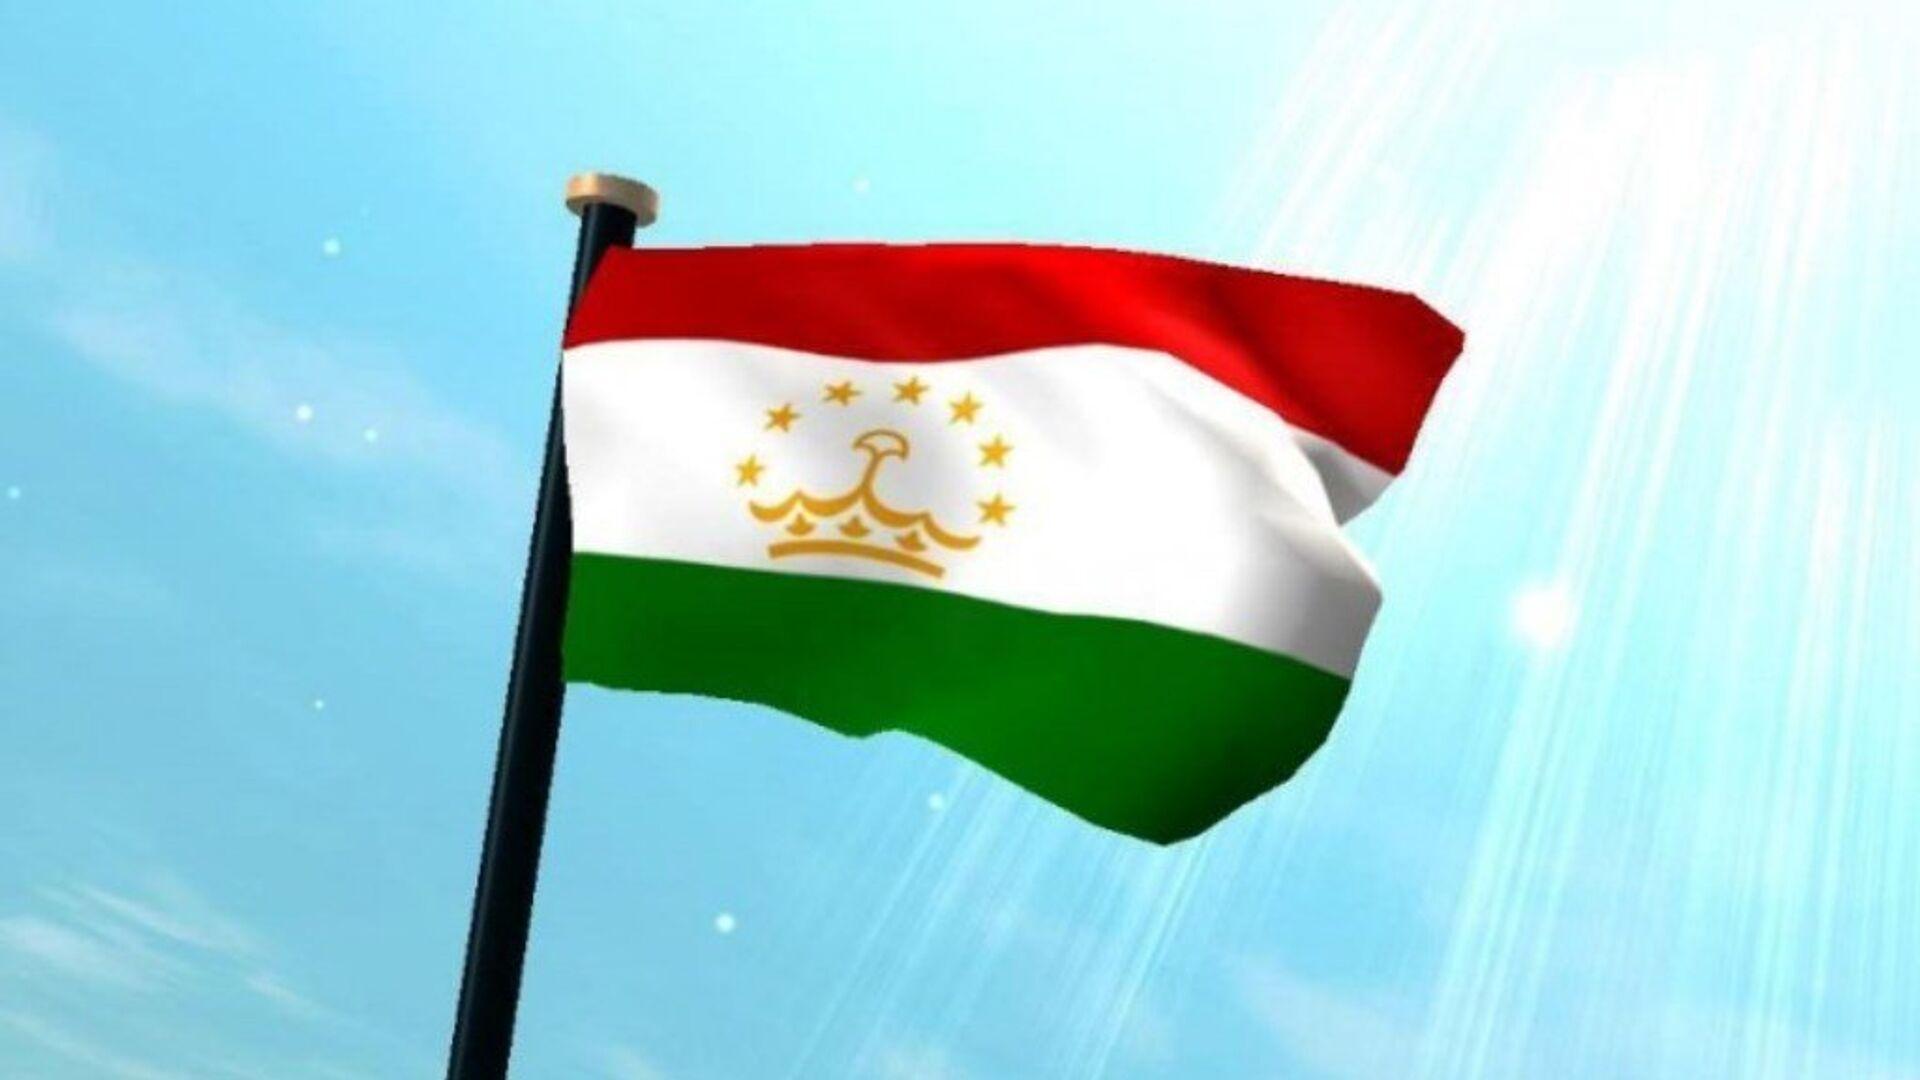 Tacikistan bayrak - Sputnik Türkiye, 1920, 25.08.2021